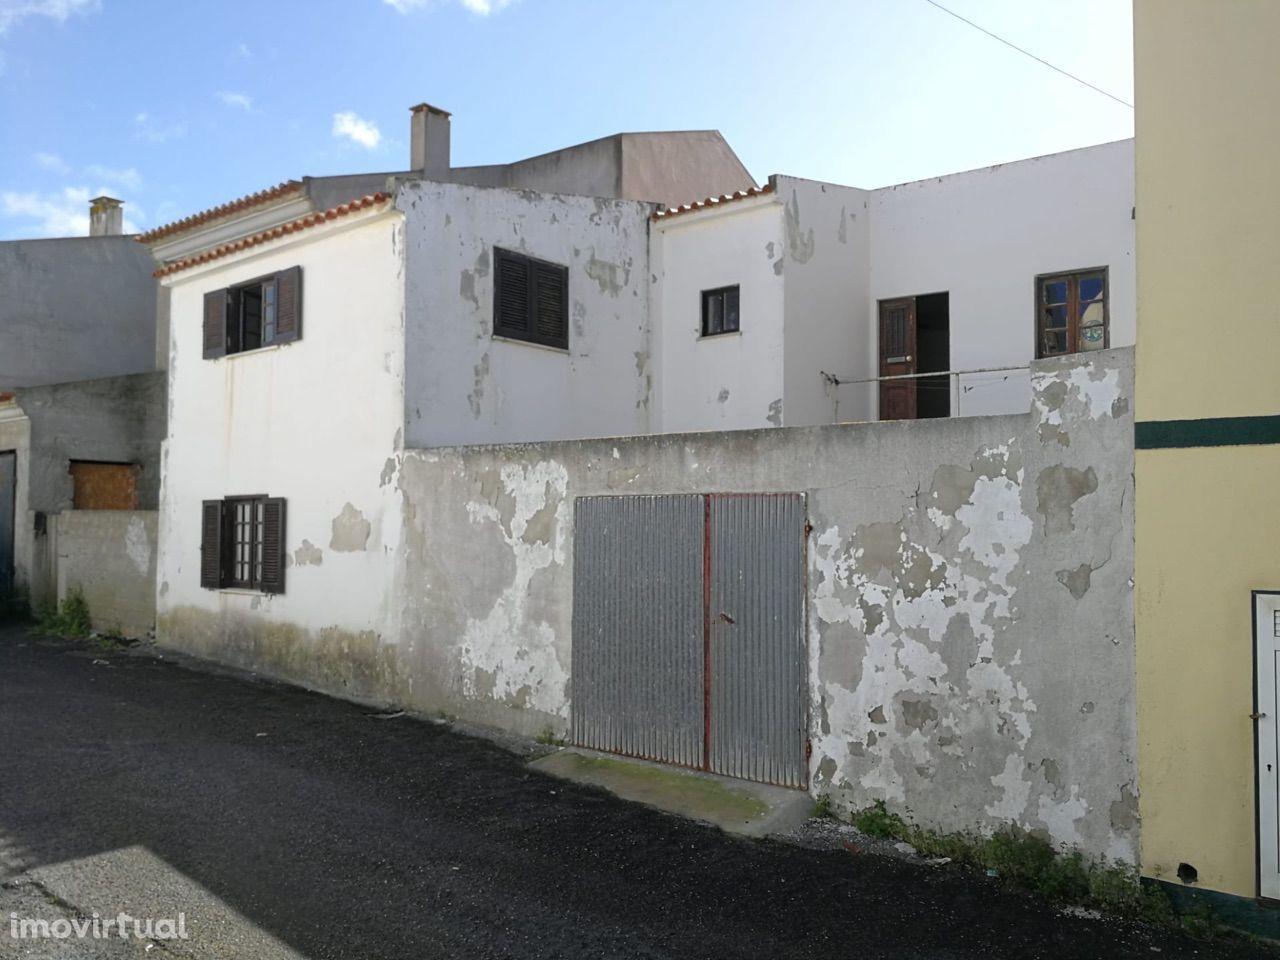 Moradia Ferrel, Atouguia da Baleia, Peniche